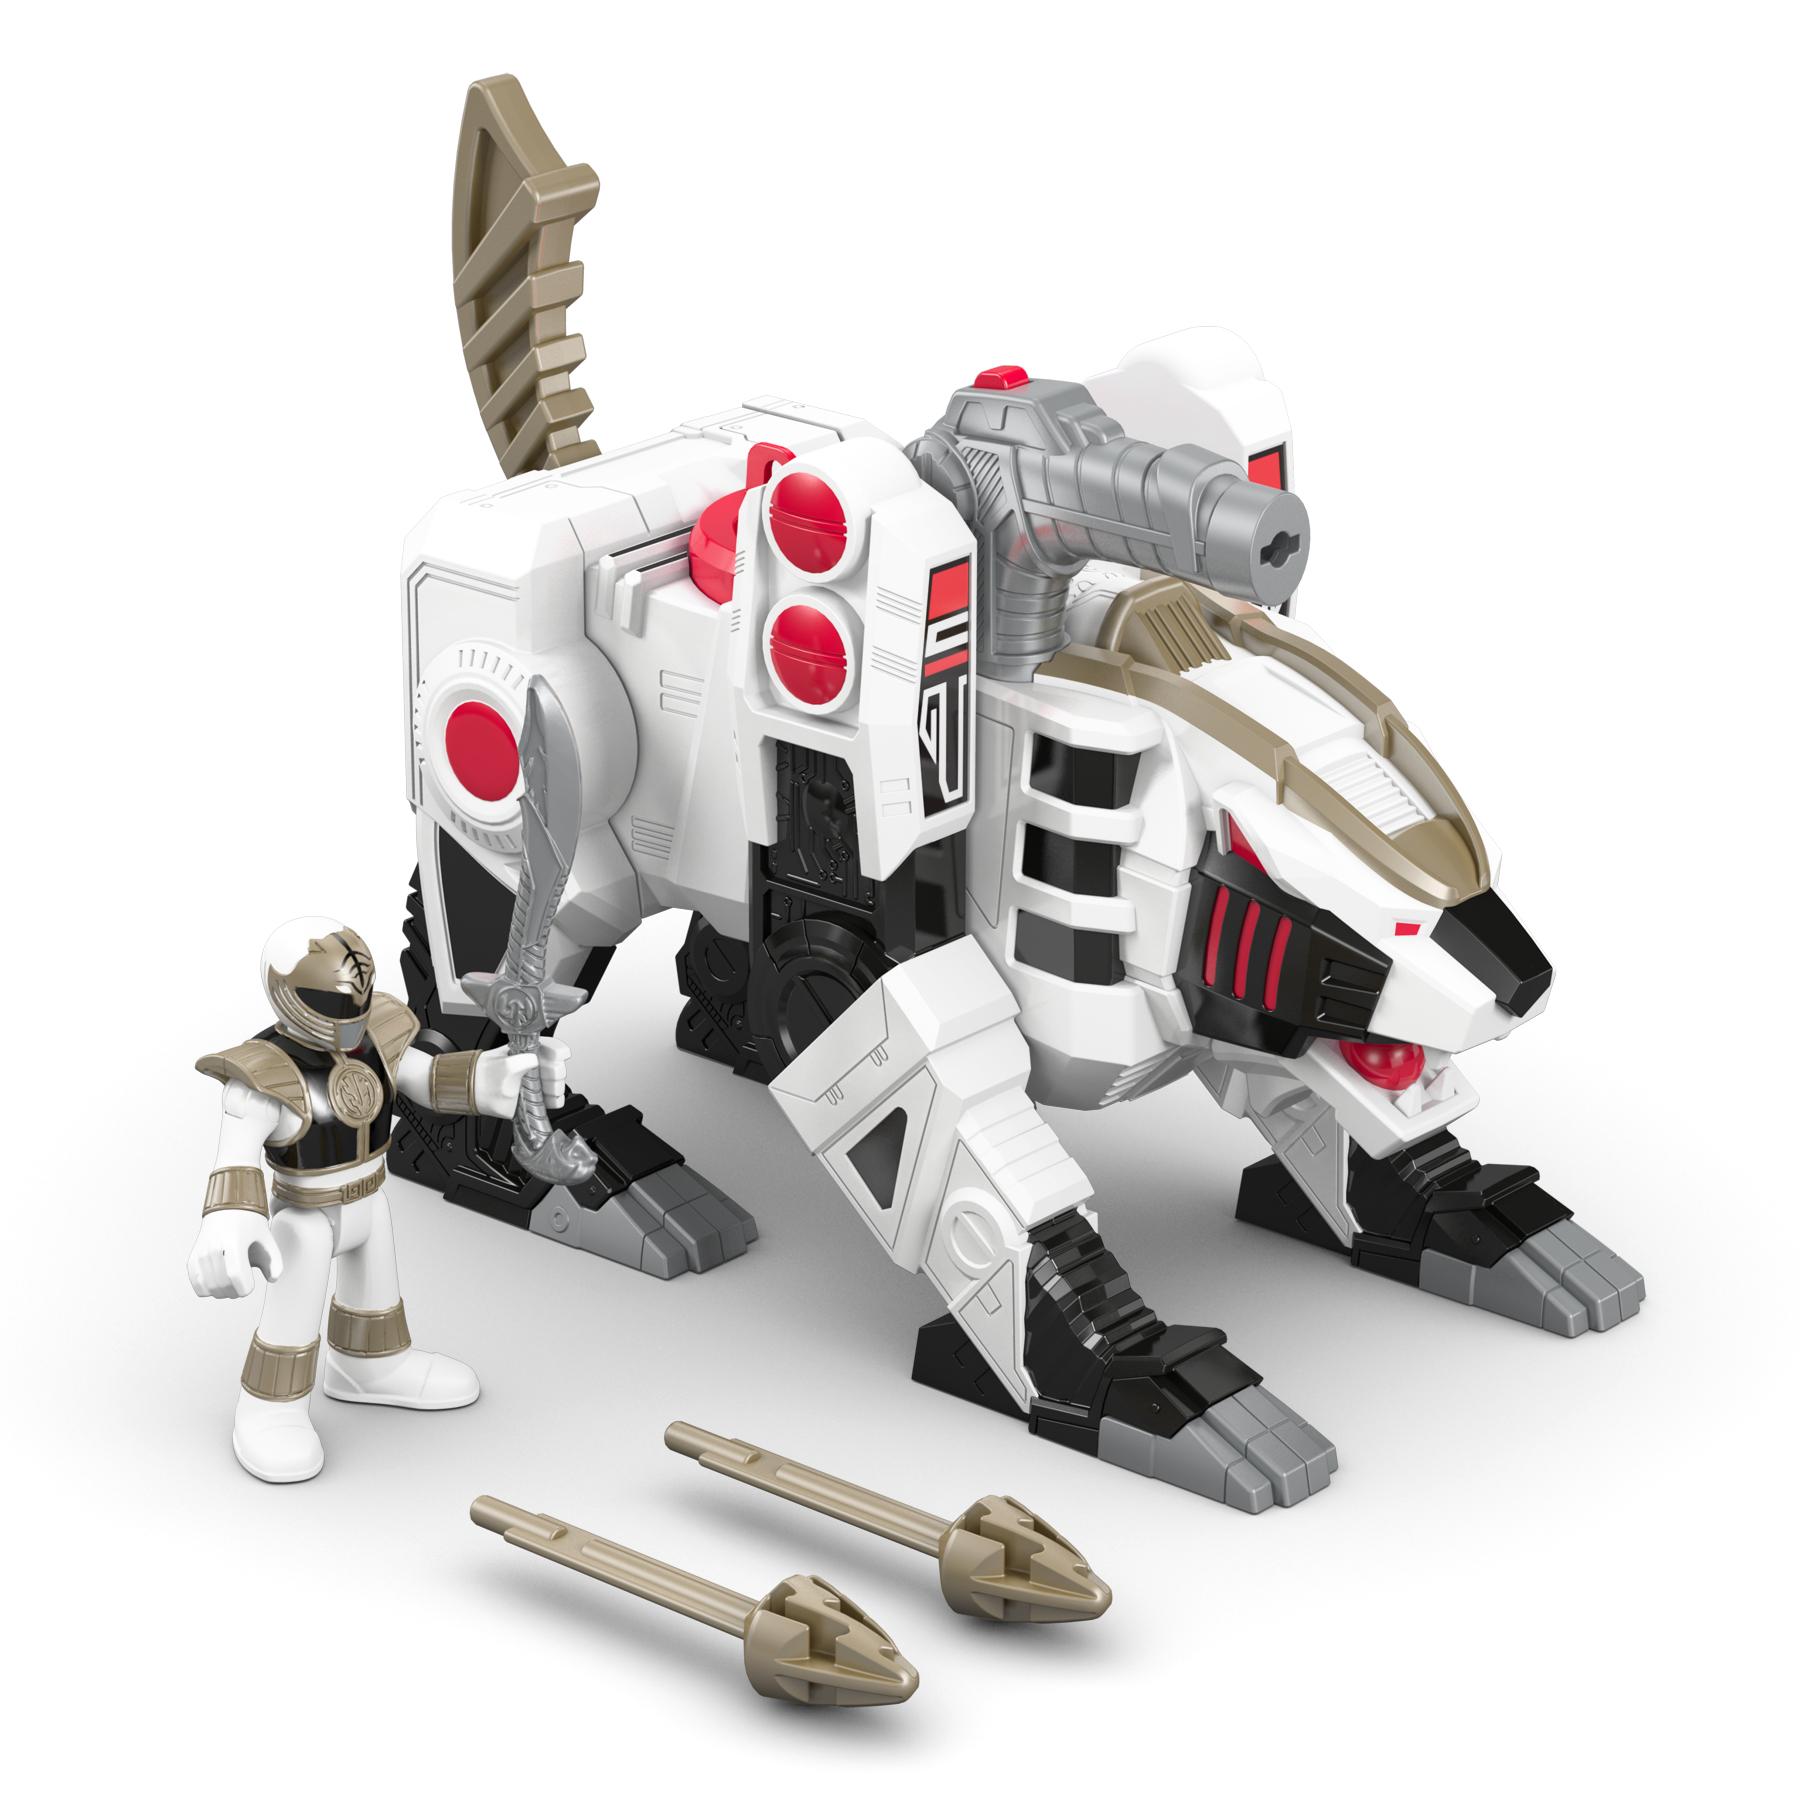 Power Rangers White Ranger & Tiger Zord PartNumber: 004W008005389005P KsnValue: 8005389 MfgPartNumber: DFX59